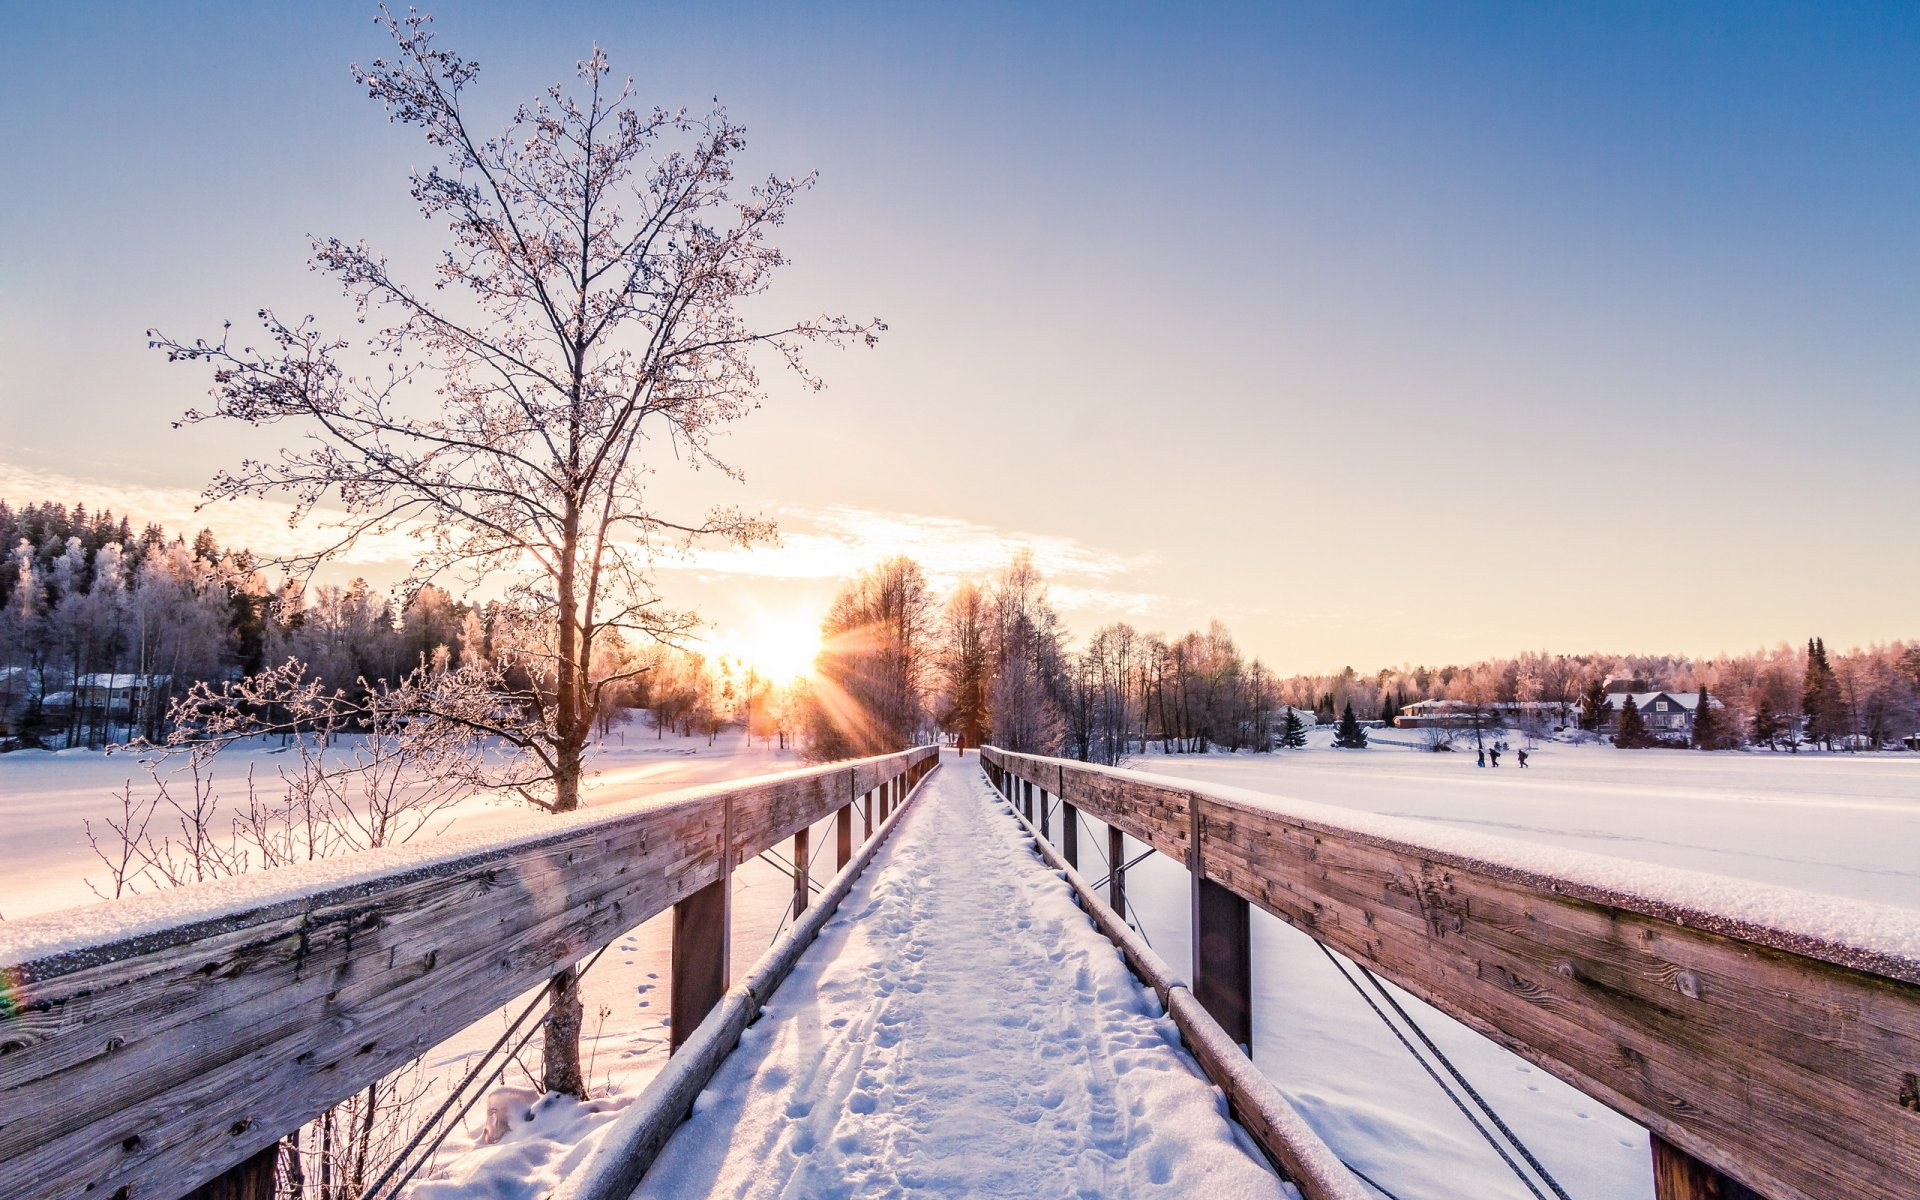 менее, зимняя мостовая картинки может быть